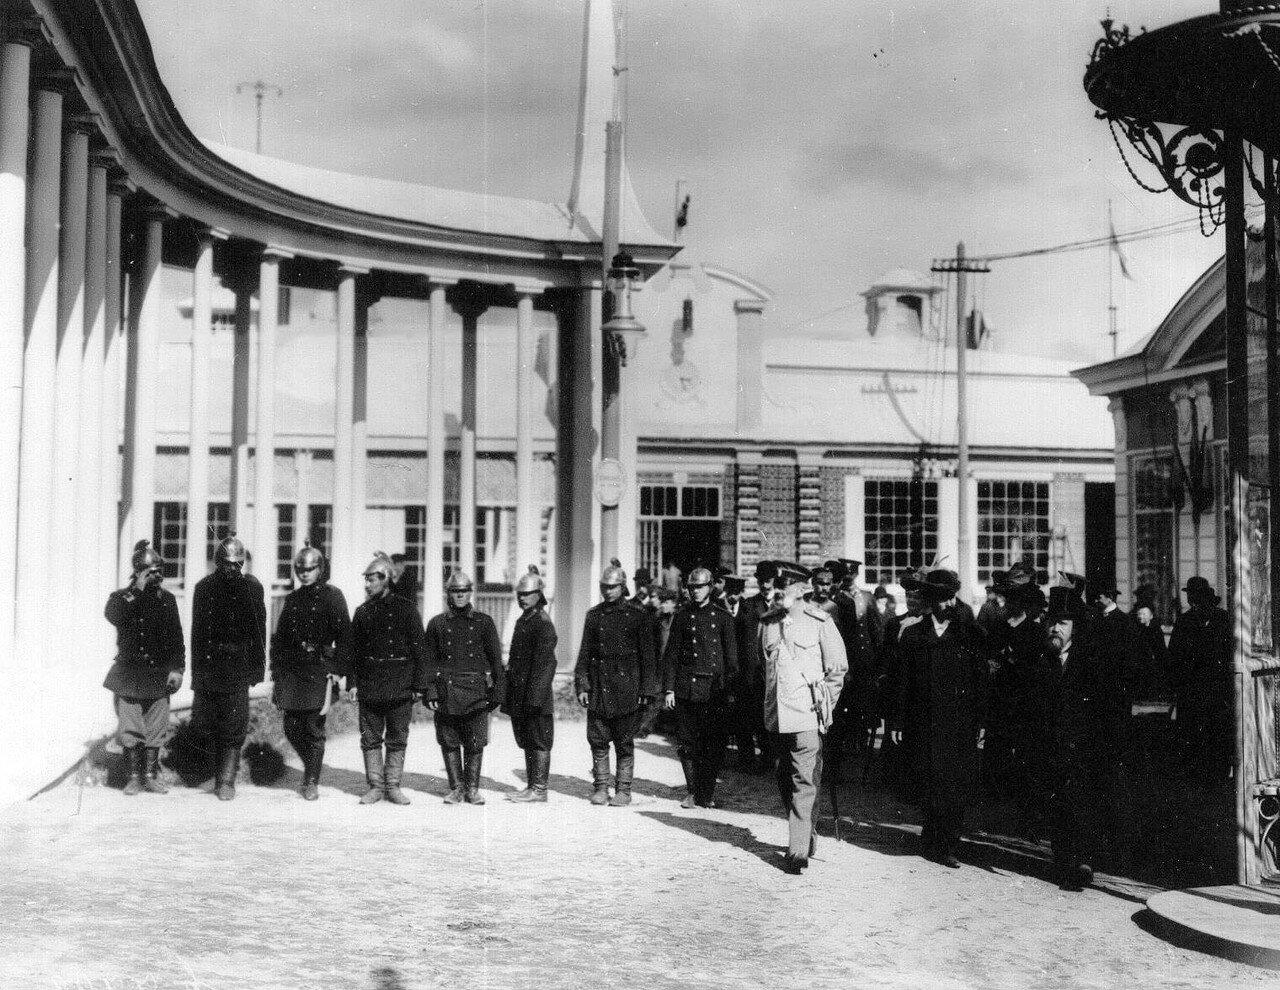 53. Публика, выходящая из выставочного павильона, проходит мимо строя пожарных, несущих дежурство на выставке